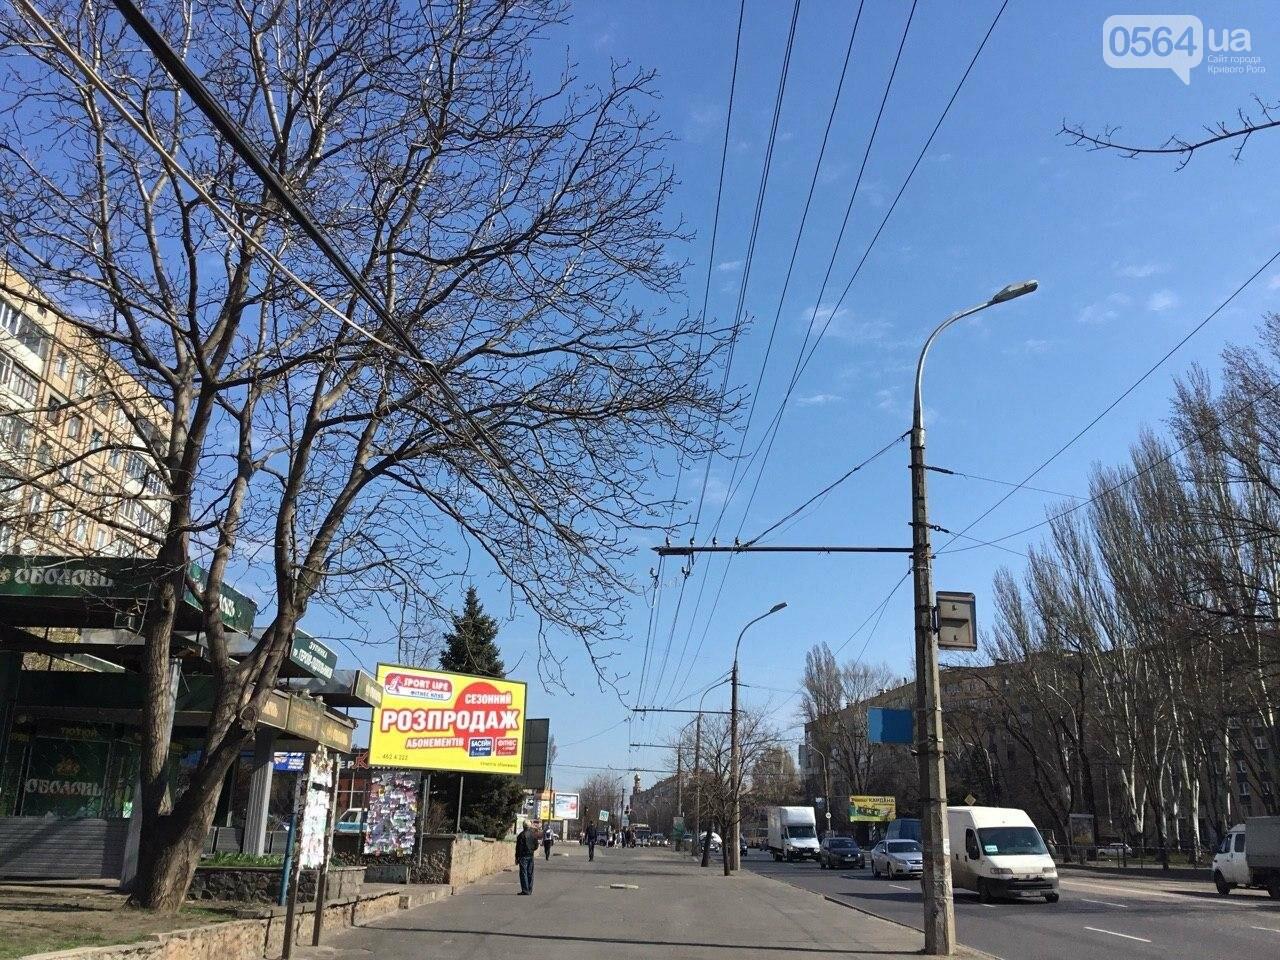 В Кривом Роге на головы пешеходов опустился электропровод, - ФОТО, фото-6